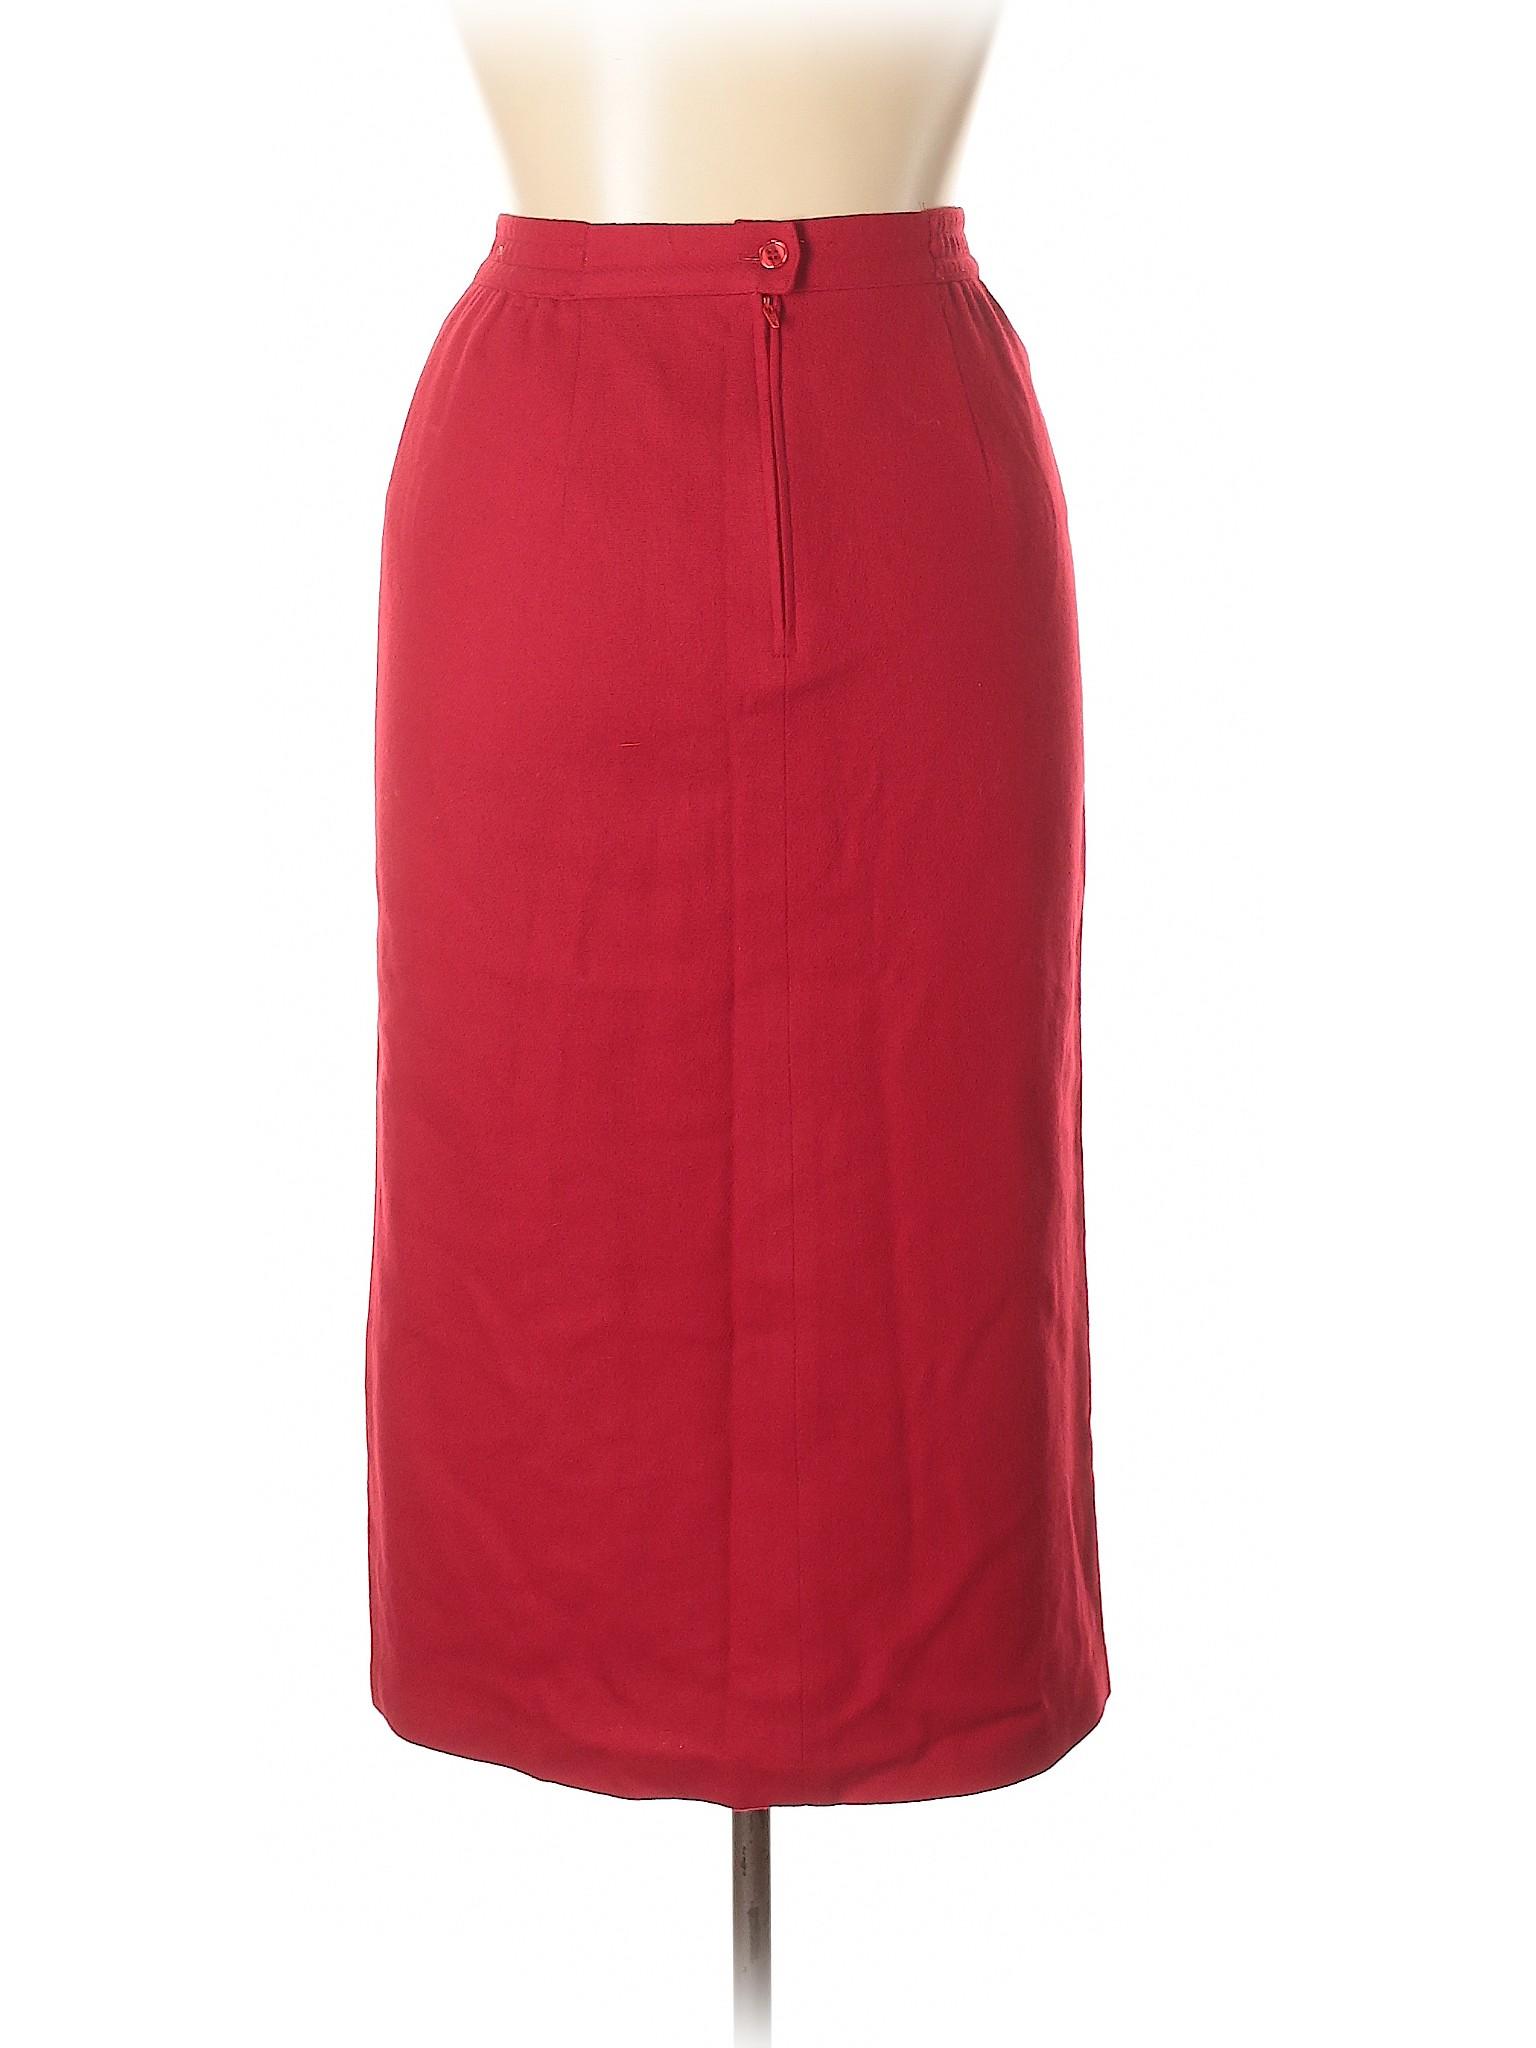 Boutique Radcliffe Boutique Radcliffe Wool Radcliffe Skirt Wool leisure leisure leisure Skirt Wool Wool Boutique Skirt leisure Radcliffe Boutique wr1rpq